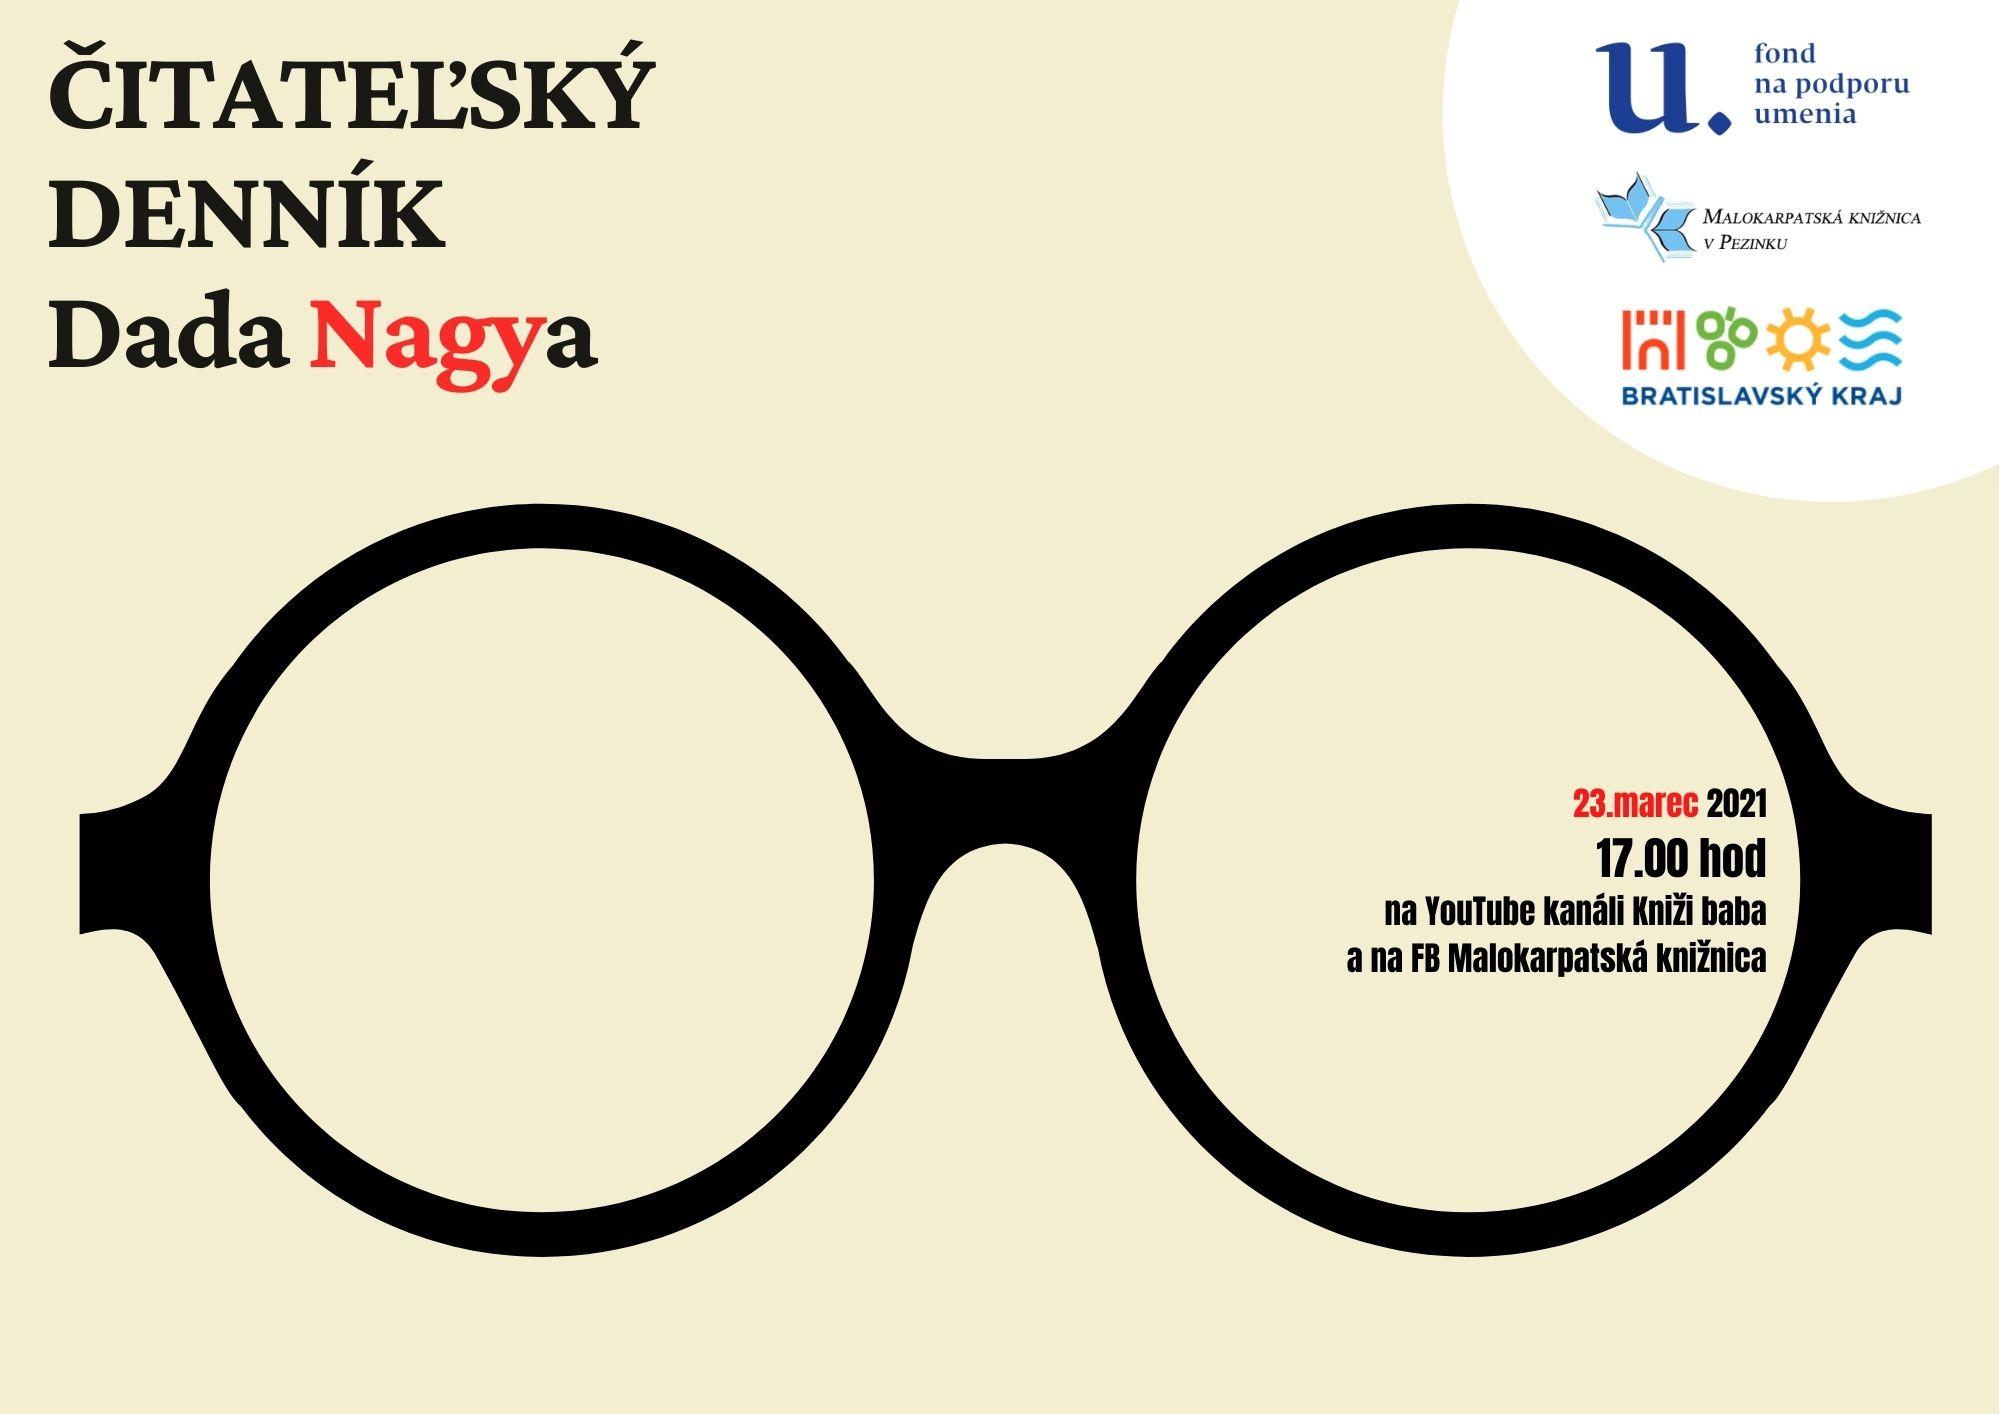 Čitateľský denník Dada Nagya z Malokarpatskej knižnice v Pezinku